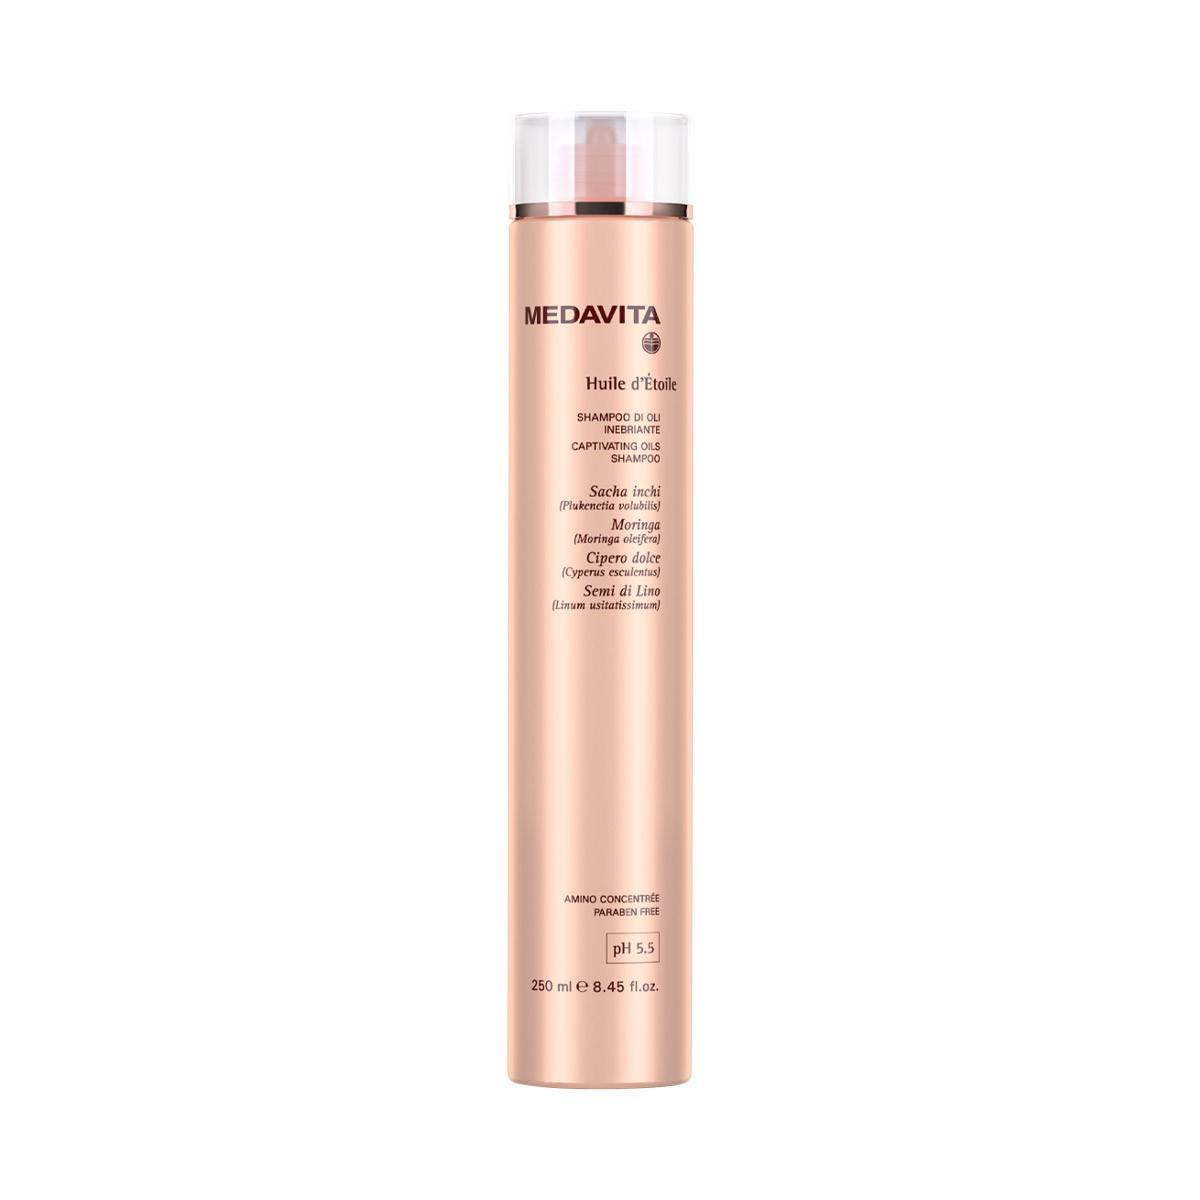 MEDAVITA Huile d'Etoile Shampoo Di Oli Inebriante 250ml - Szampon do olejowania każdego rodzaju włosów nabłyszczający